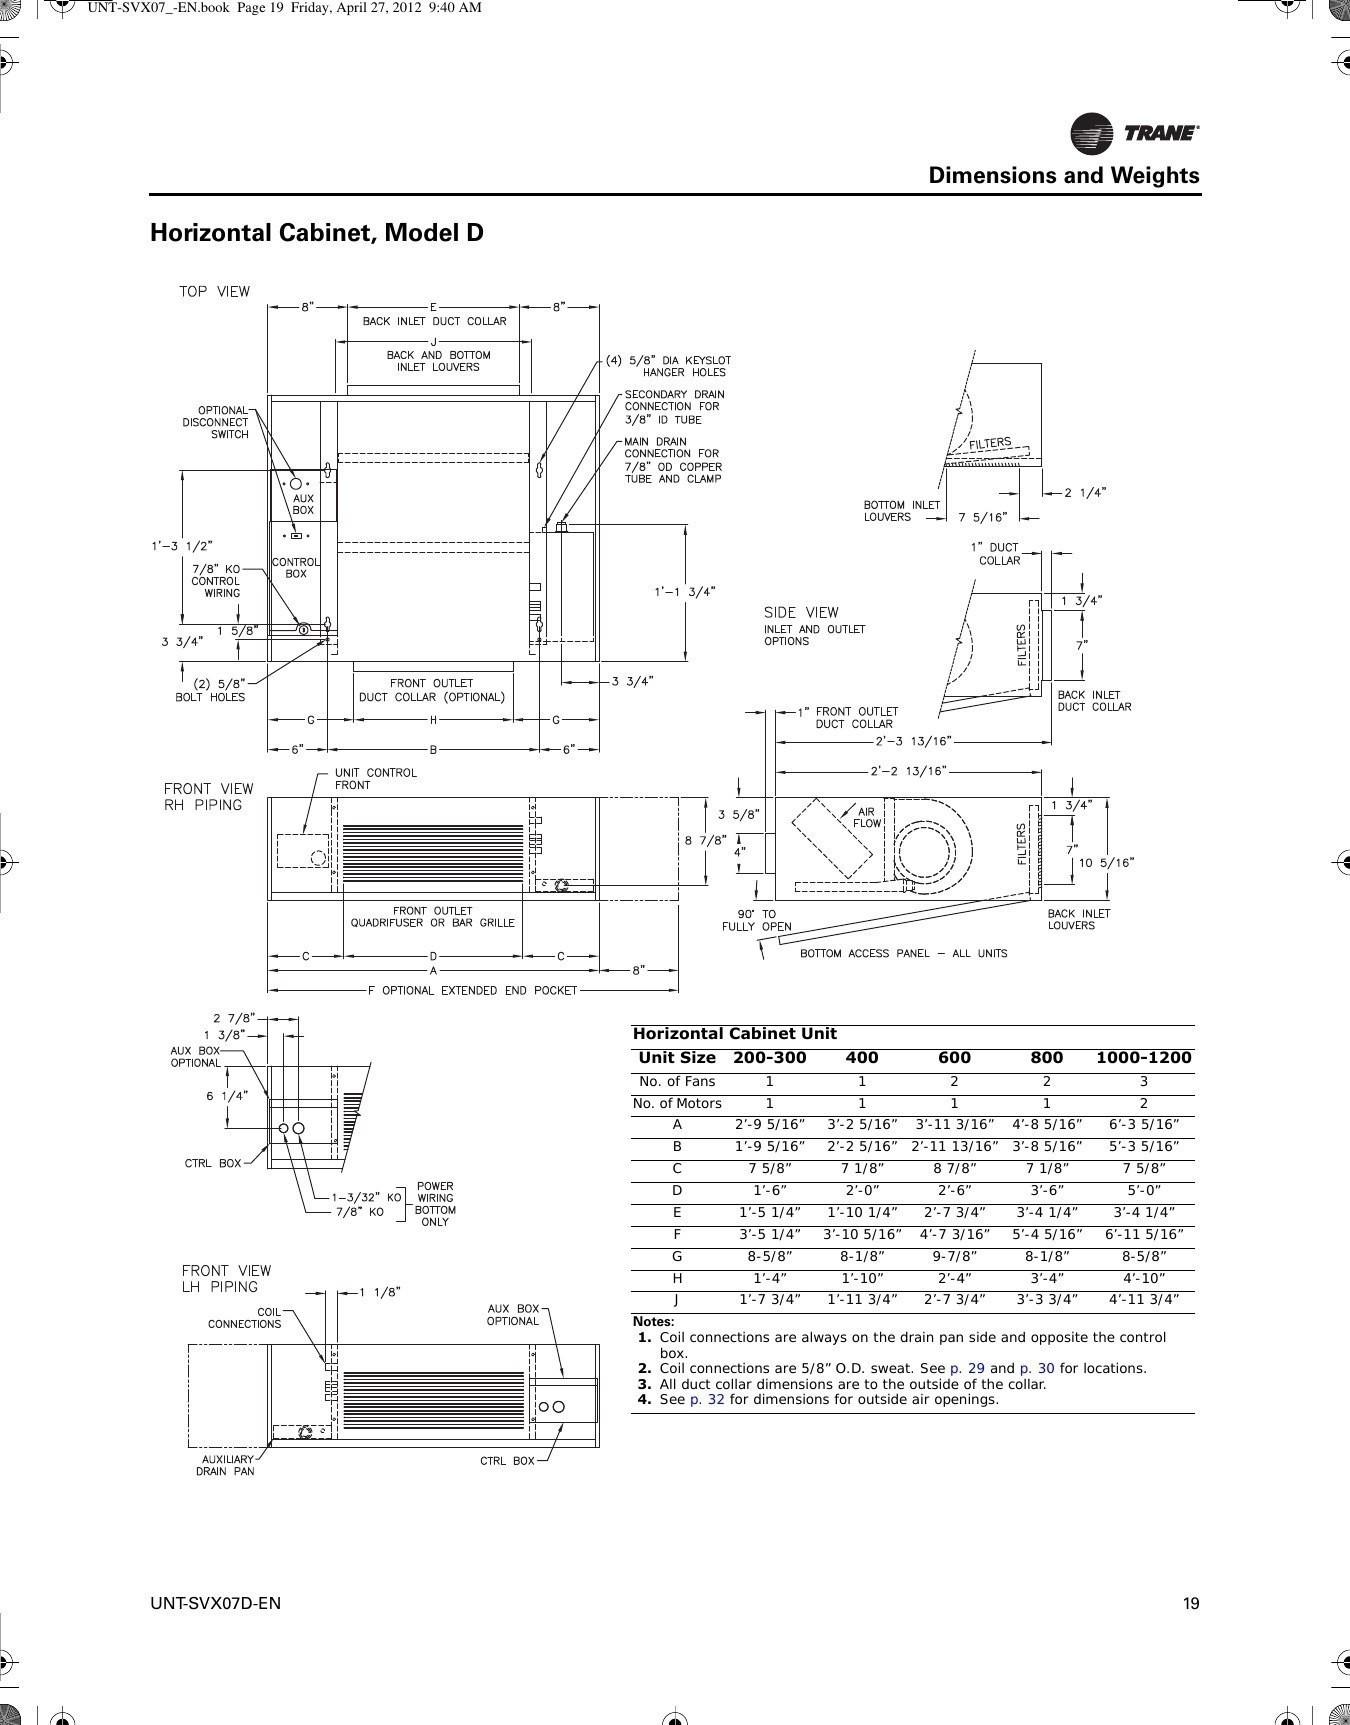 Electric Furnace Wiring Diagram Wiring Diagram for A Mobile Home Best Wiring Diagram for A Mobile Of Electric Furnace Wiring Diagram